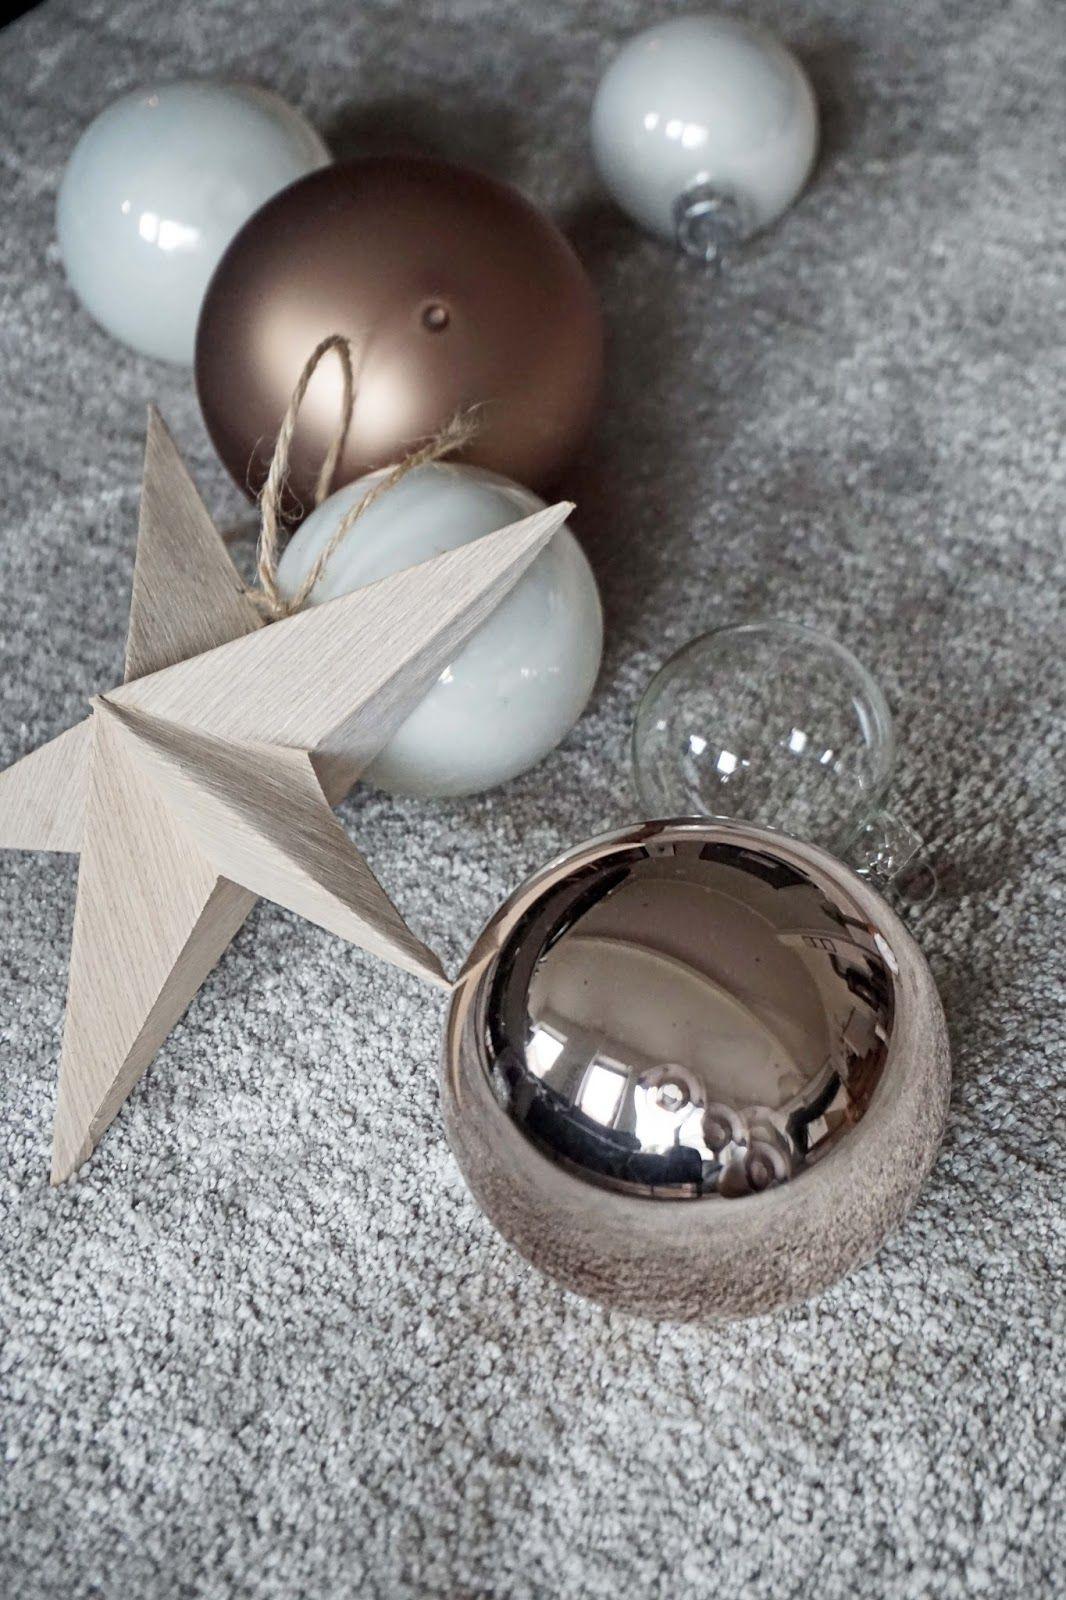 xmas deluxe kugeln xmas deluxe weihnachtsdeko weihnachtsbeleuchtung tannenbaum schm cken. Black Bedroom Furniture Sets. Home Design Ideas